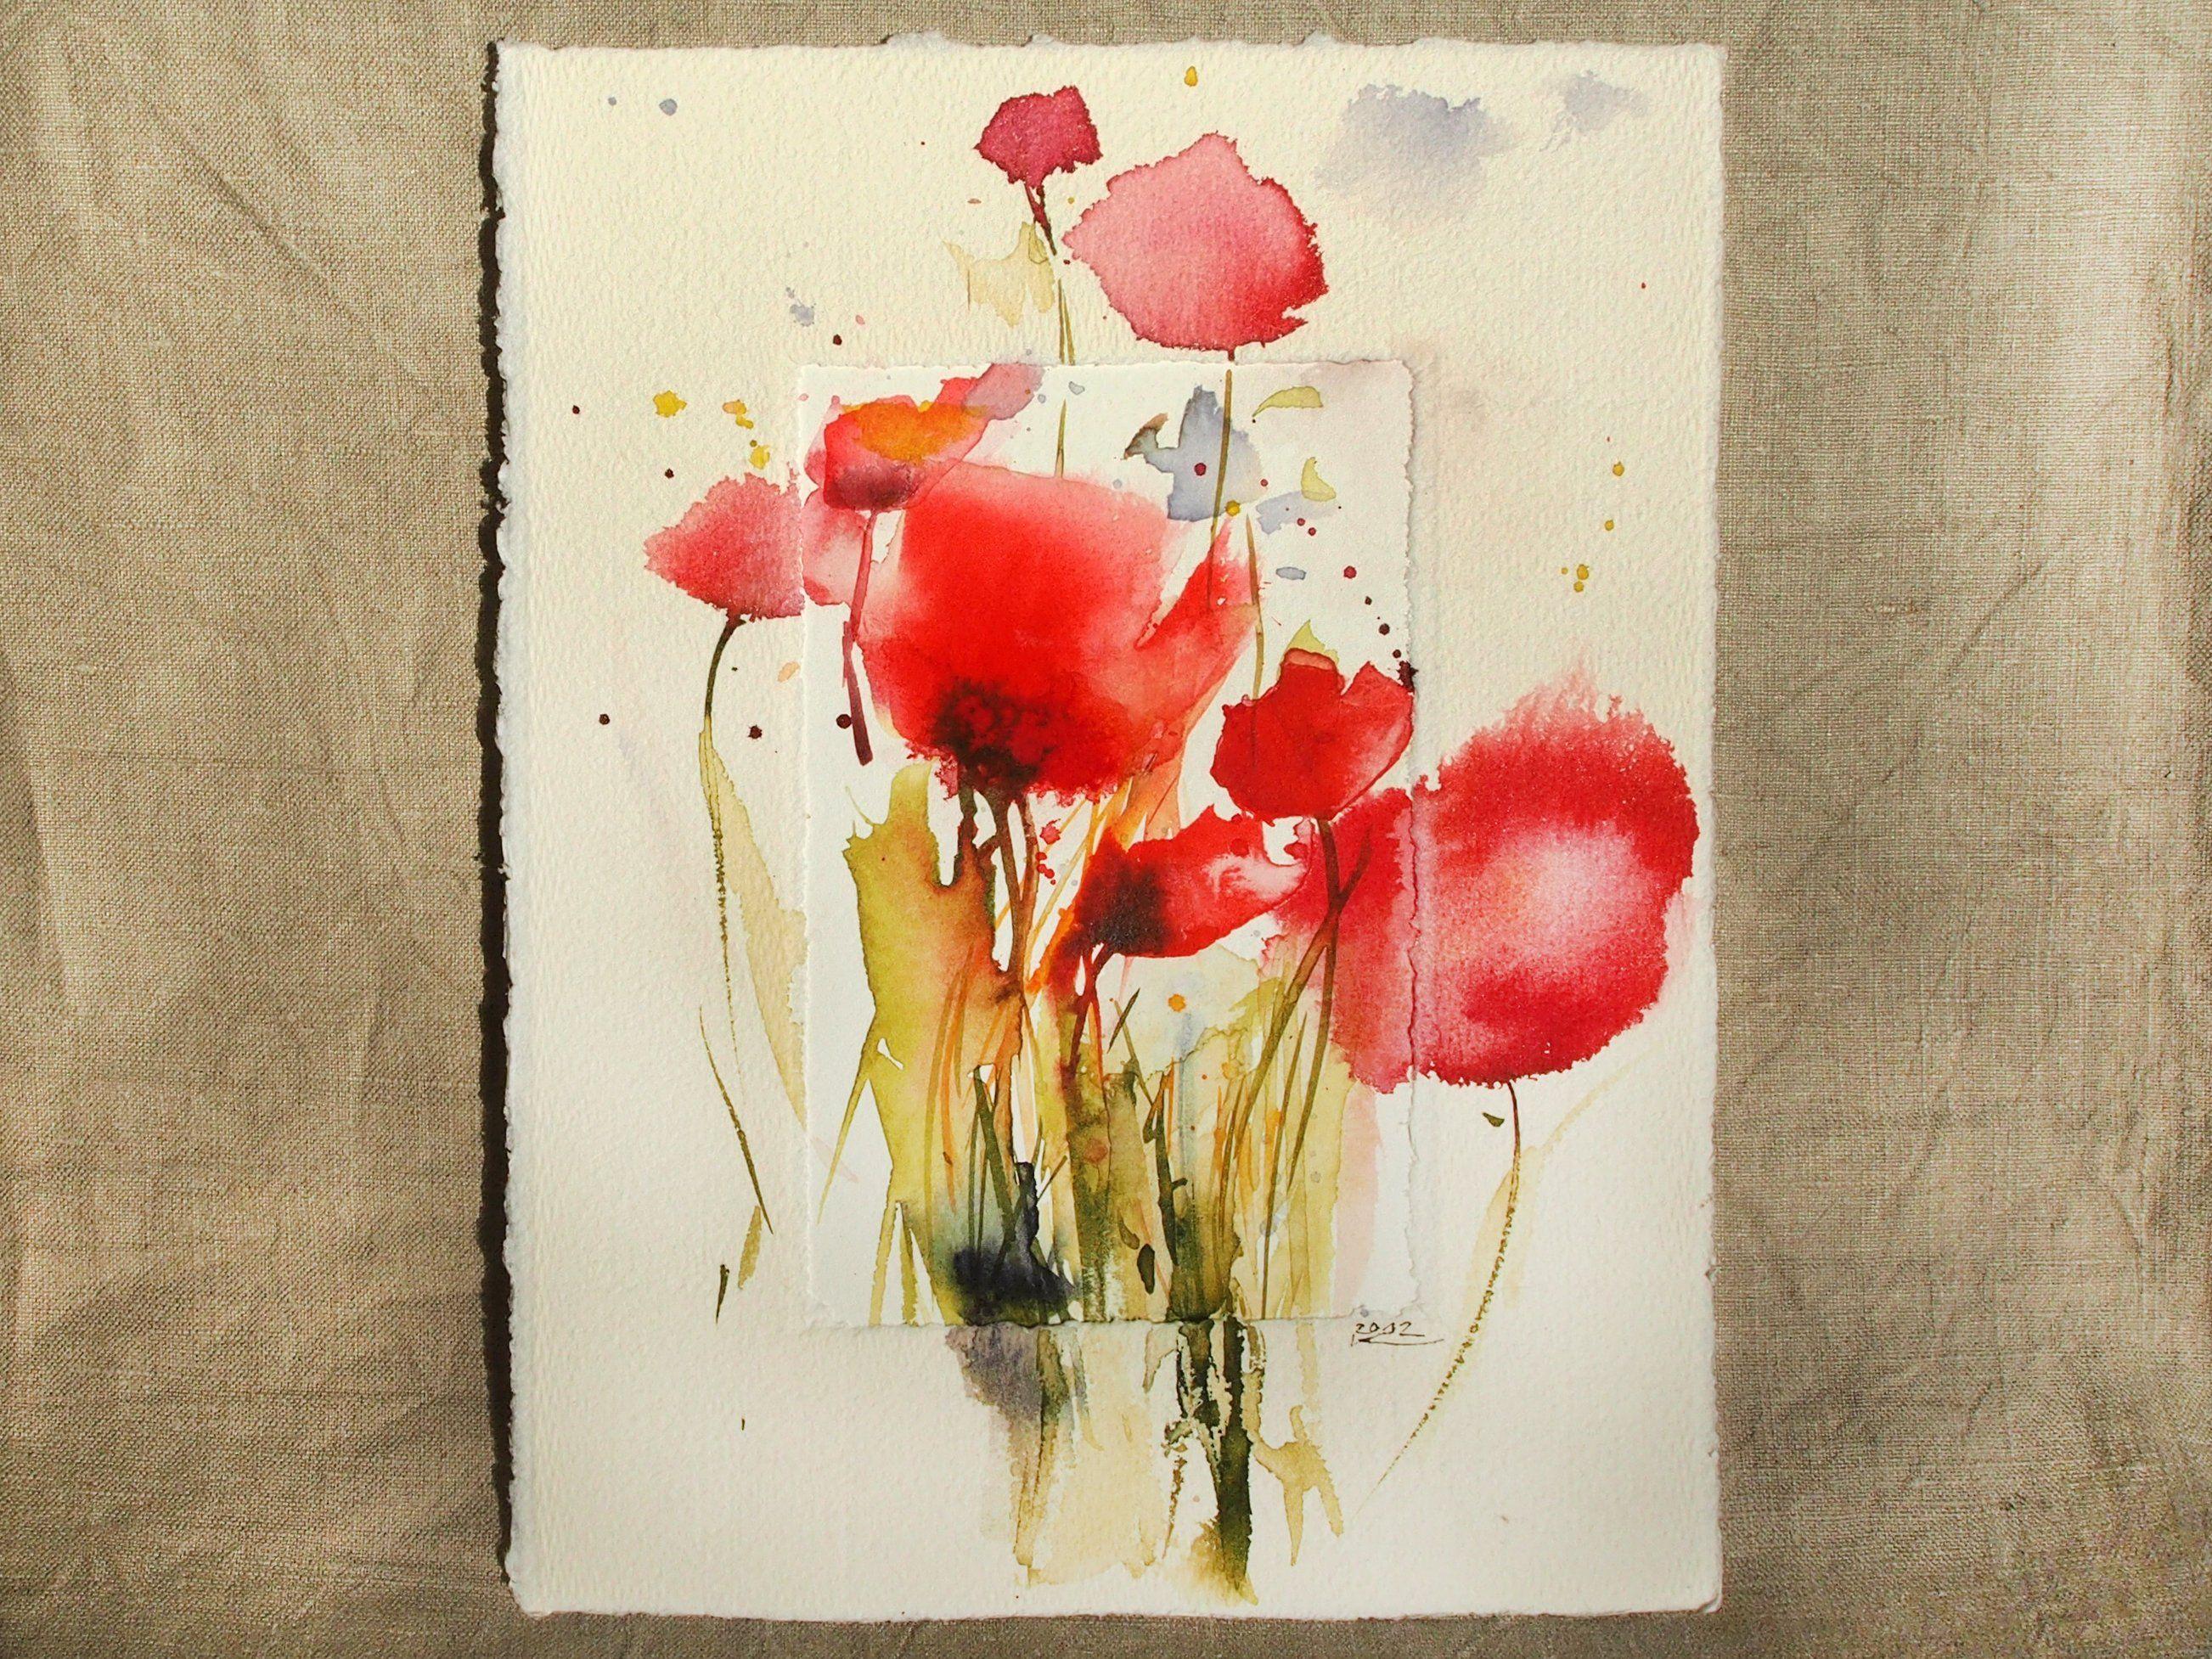 Mohnblumen Originalaquarell Im Buttenpassepartout Einzelstuck Kleines Bild Blumenbild Individuelles Geschenk Hochformat Blumenbilder Blumen Bilder Aquarell